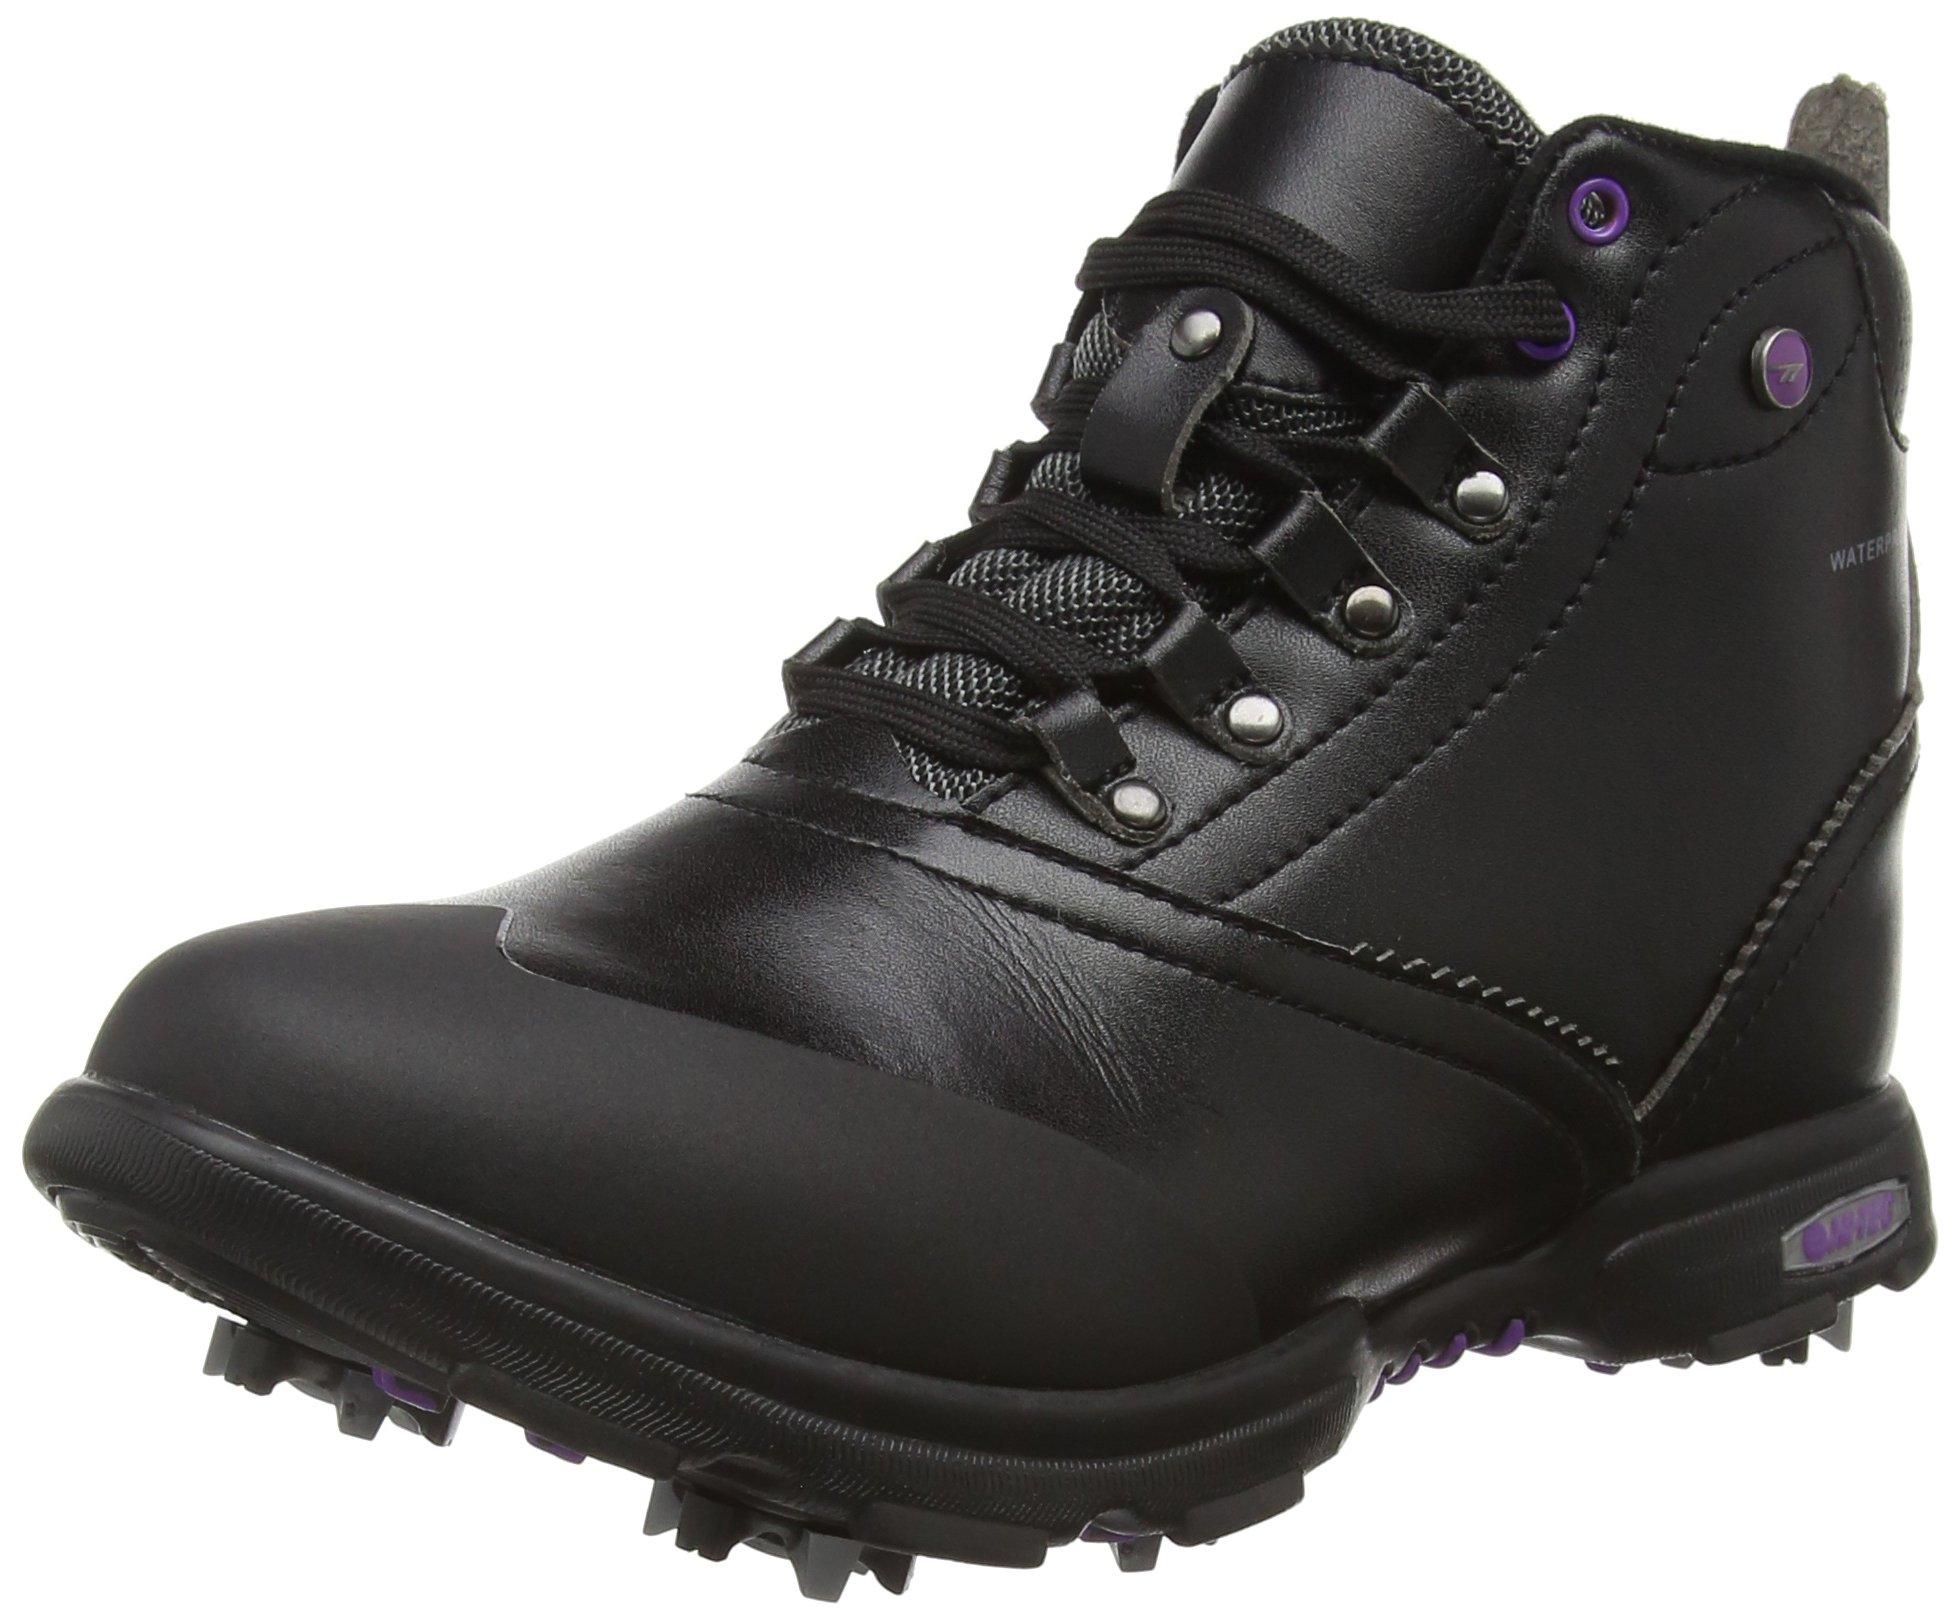 Hi-Tec Women's Dri-Tec Classic Mid WP Golf Boots - US 8.5 - Black/Purple by Hi-Tec